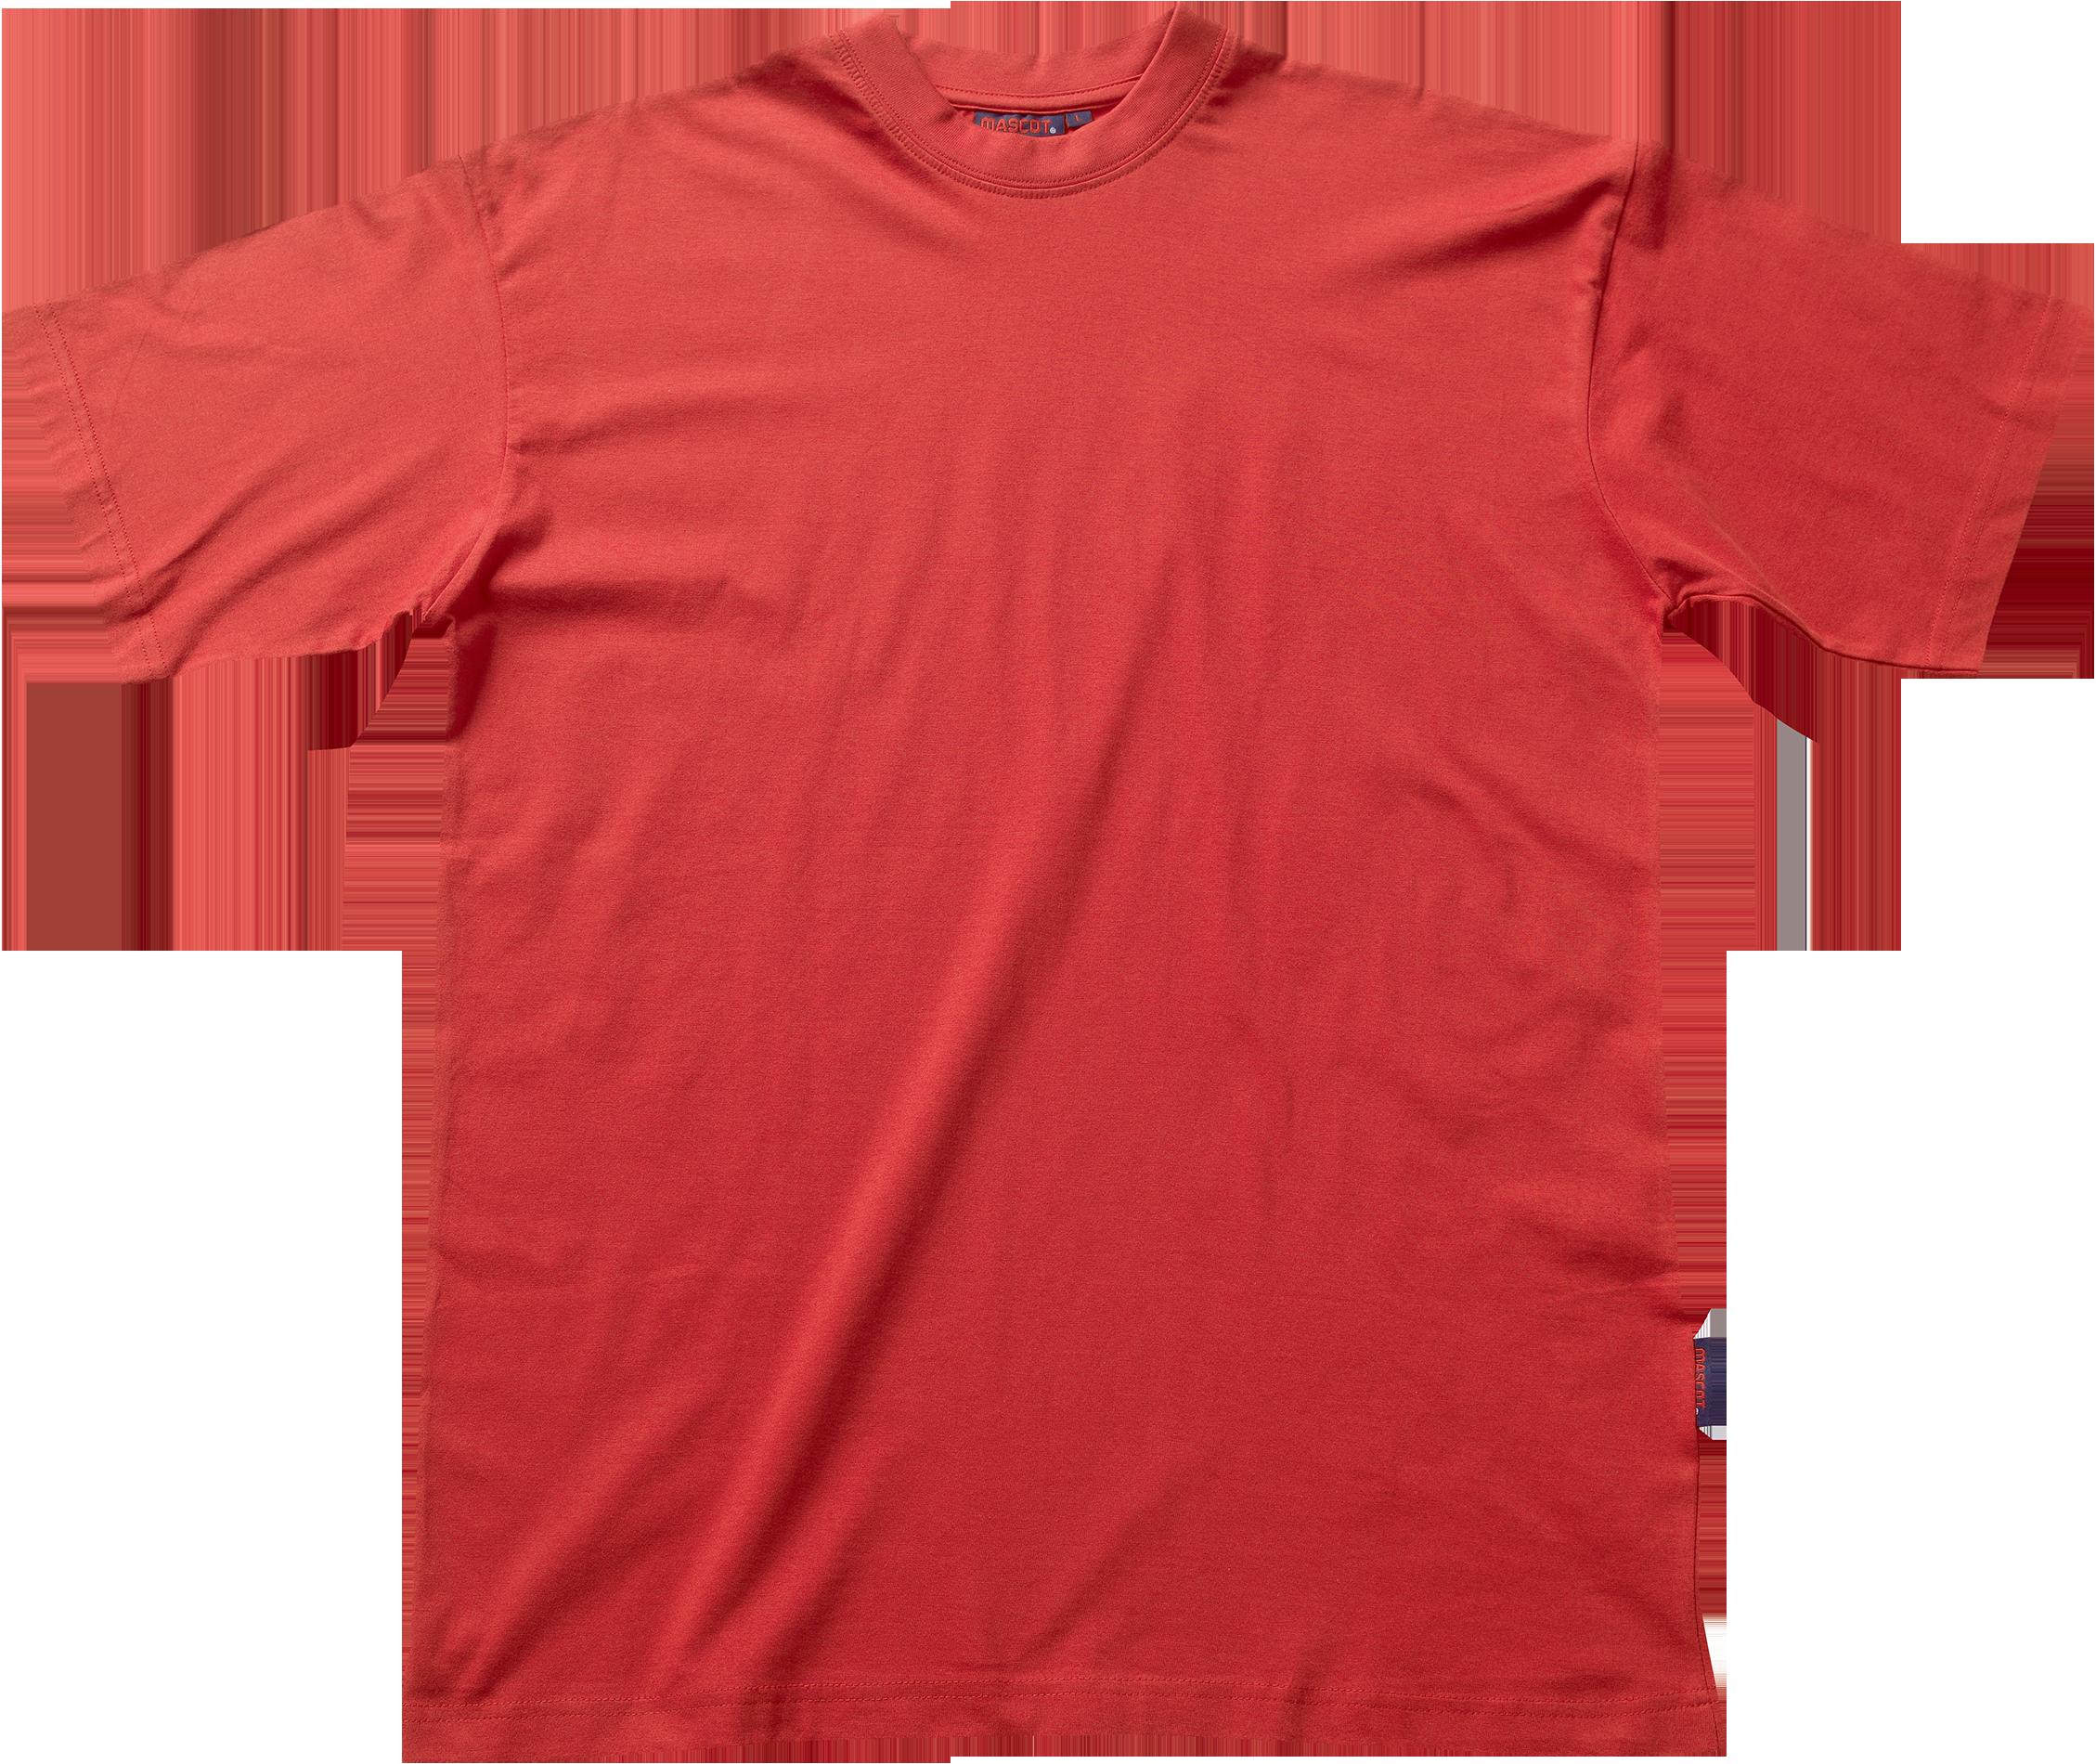 00458187151 Mascot Java T-Shirt, 2XL Rød - T-shirt - Mascot - Arbejdstøj ...